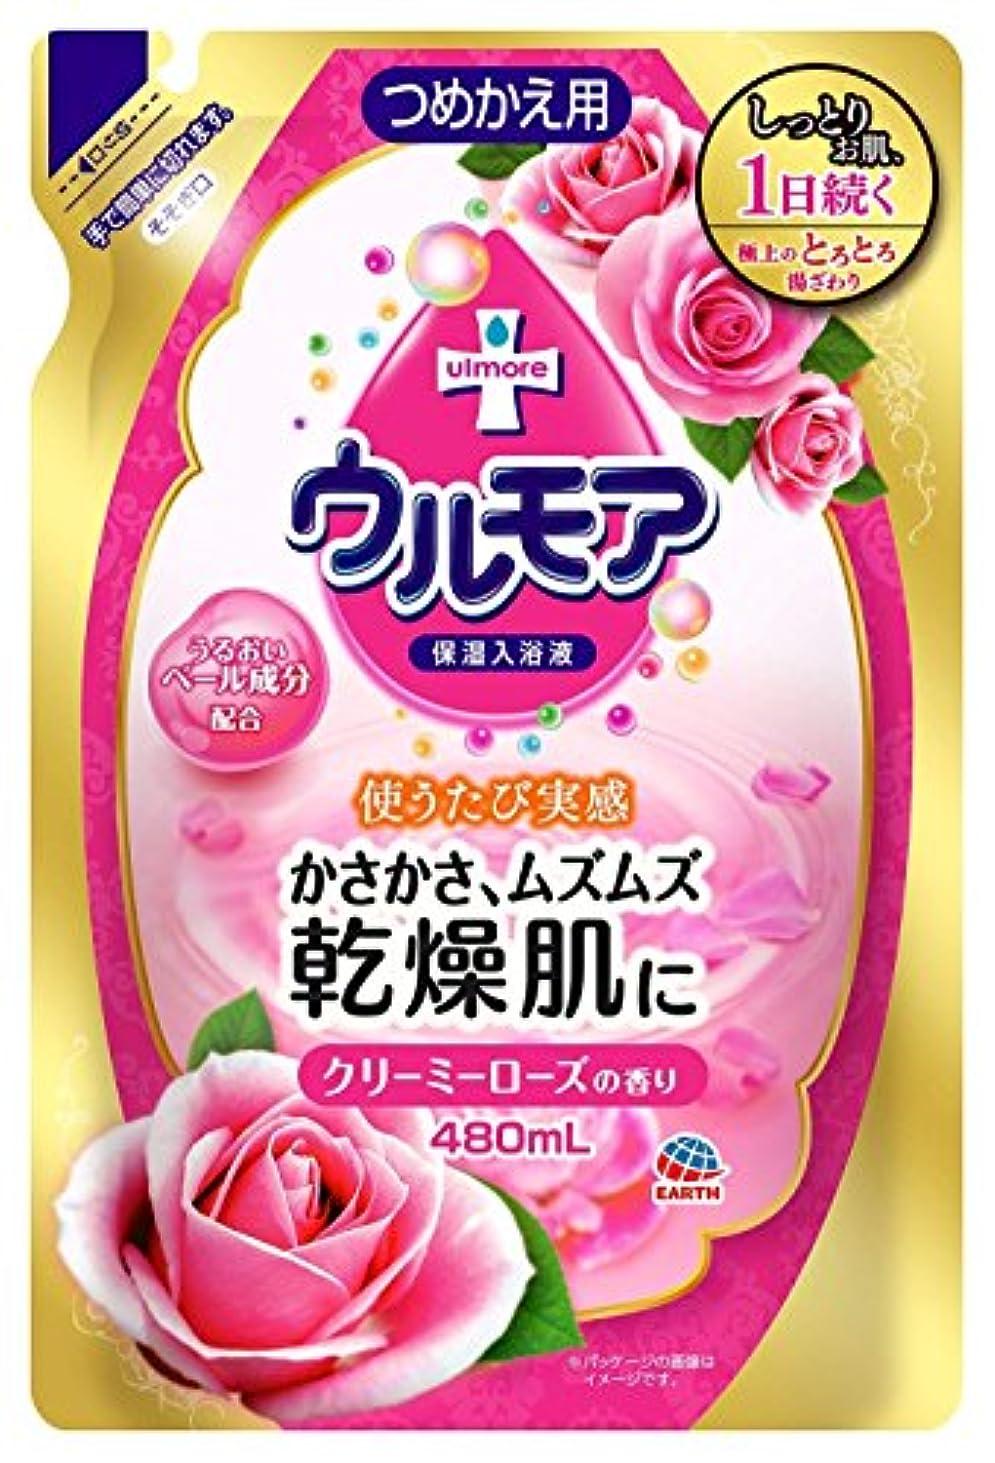 劇的風邪をひく戦う【アース製薬】保湿入浴液ウルモアクリーミーローズの香り 詰替え用 480ml ×10個セット